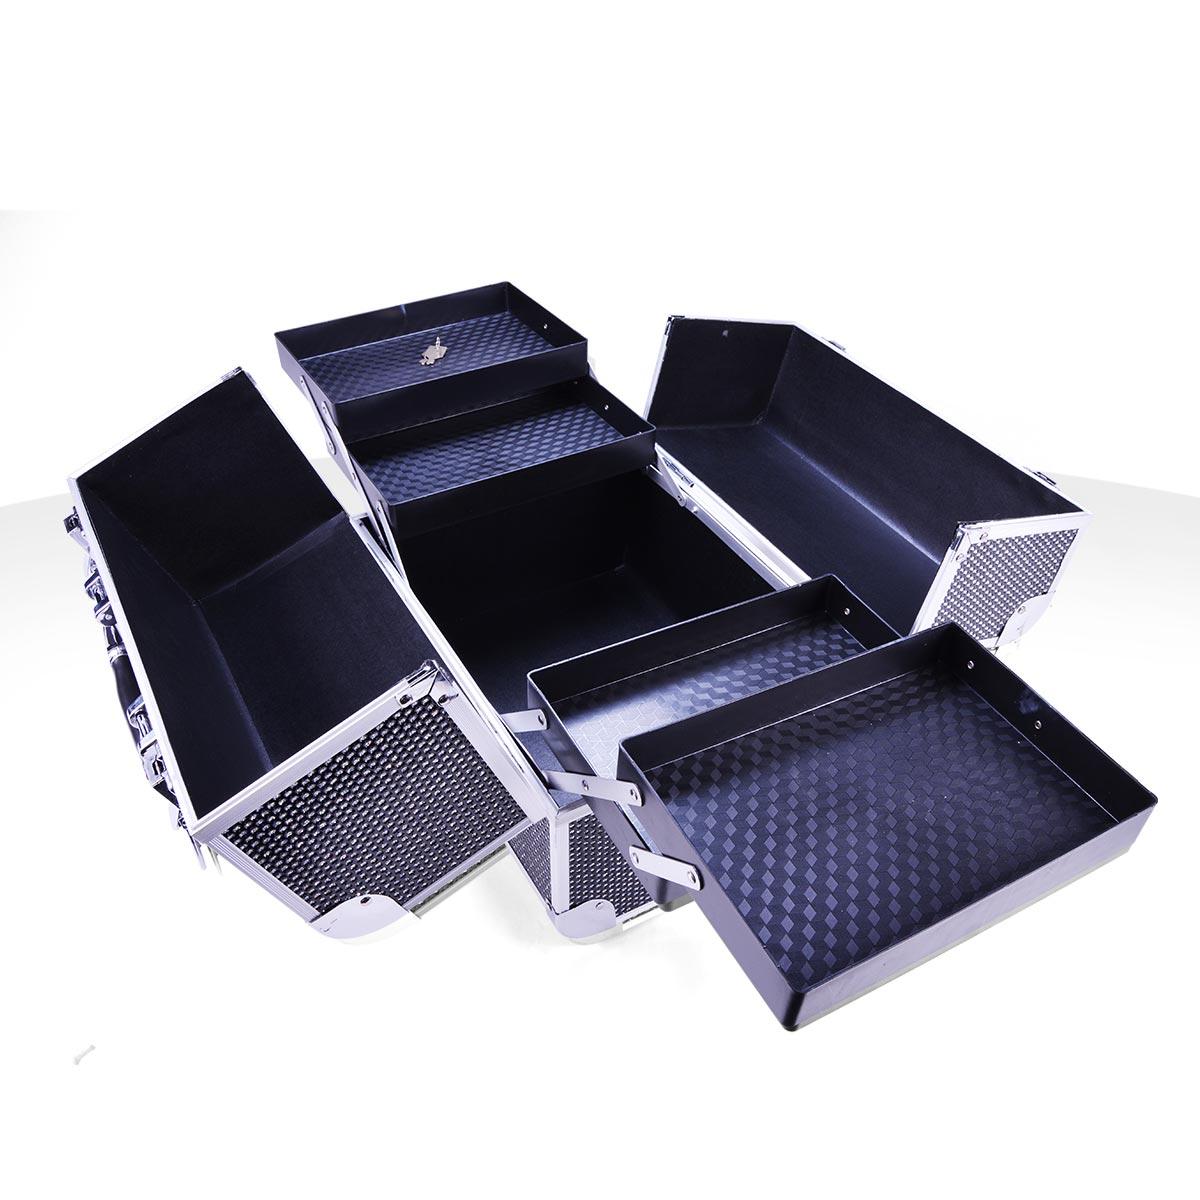 mallette de rangement noire effet strass manucure et maquillage vendeur fran ais. Black Bedroom Furniture Sets. Home Design Ideas